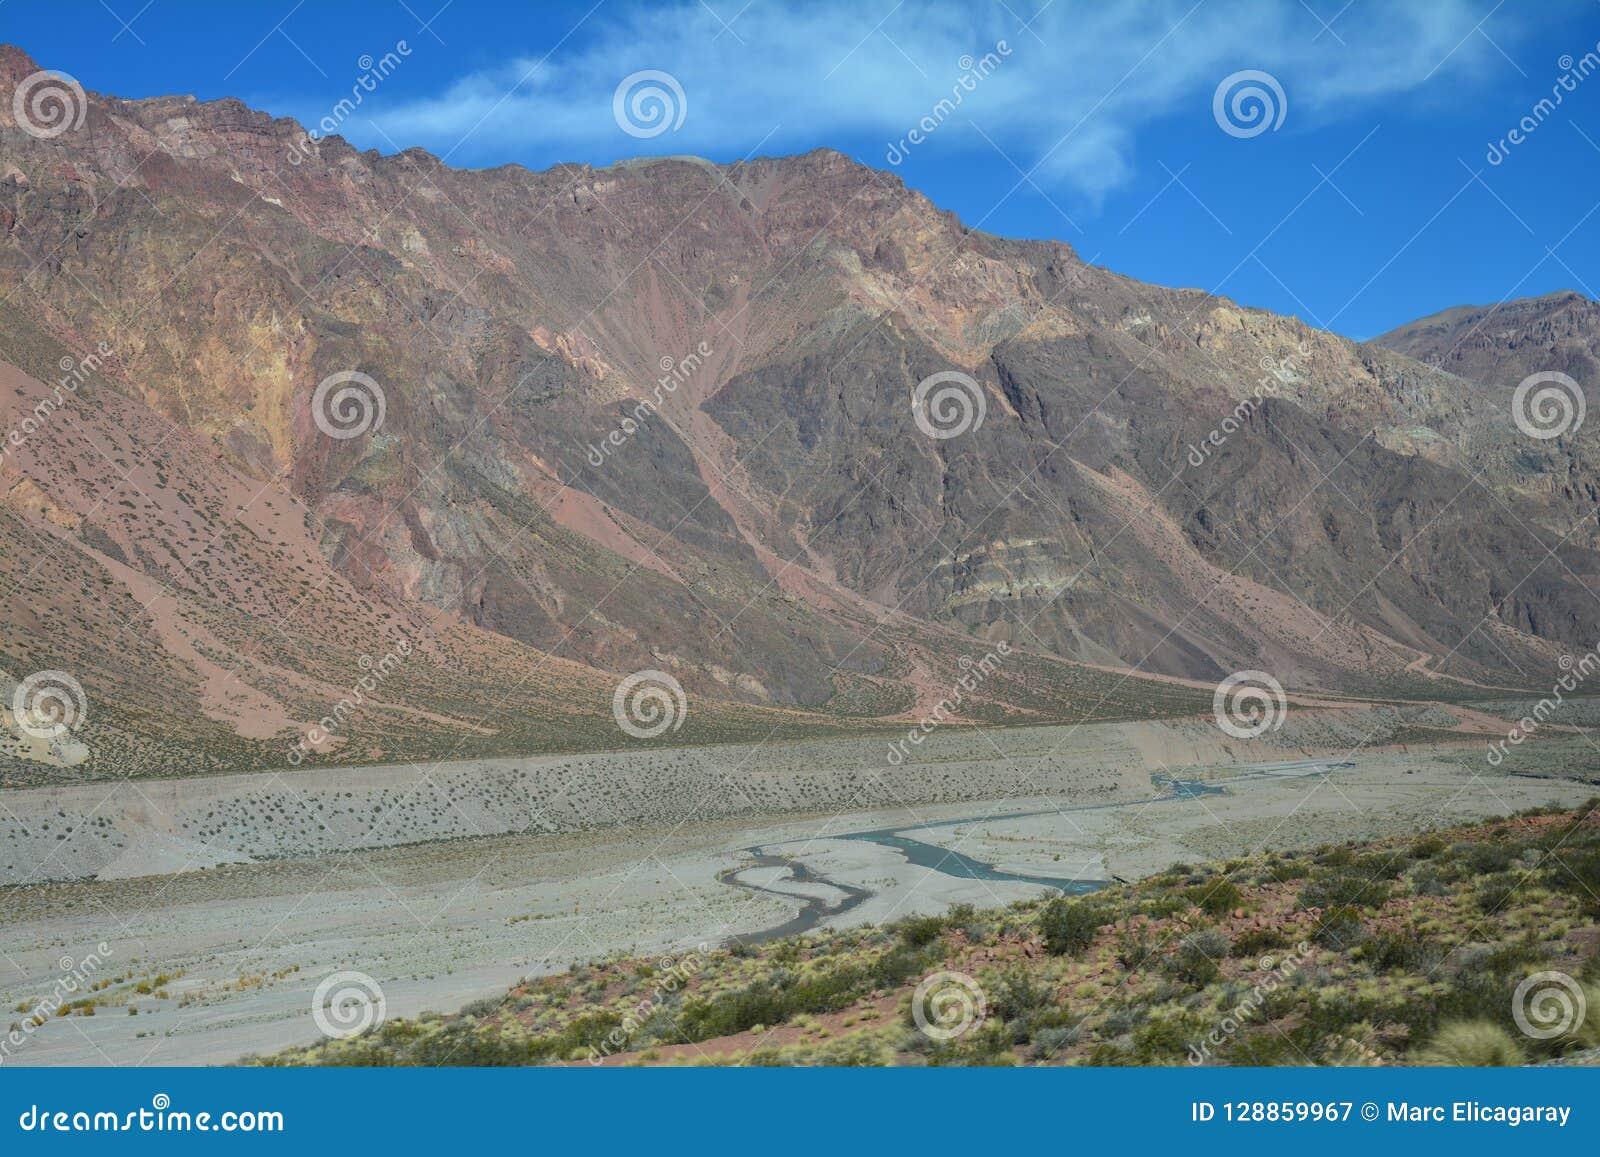 风景路在智利和阿根廷之间的安第斯山脉